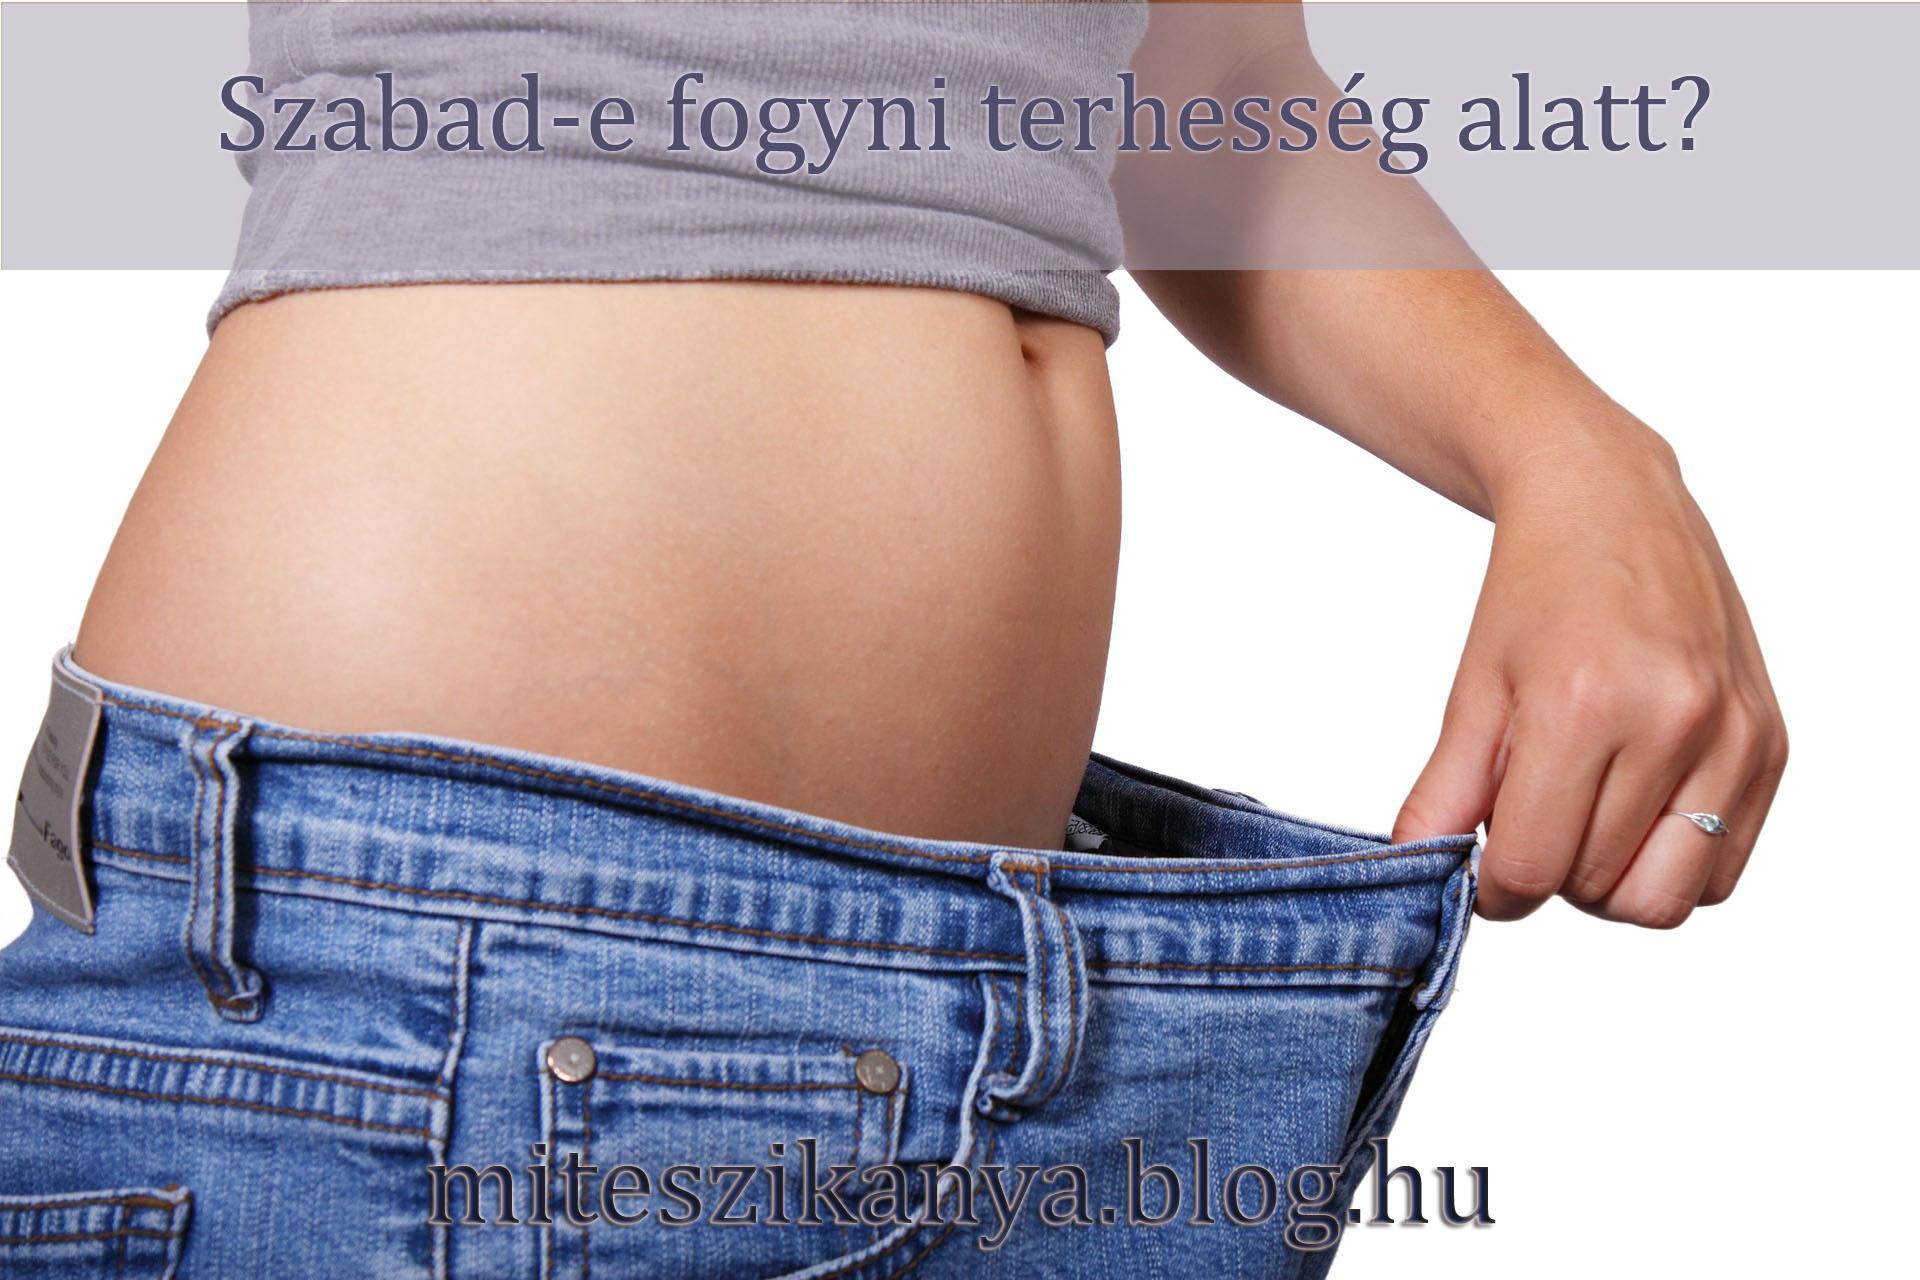 jeges forró test wrap súlycsökkenés rövid ideig tartó fogyás